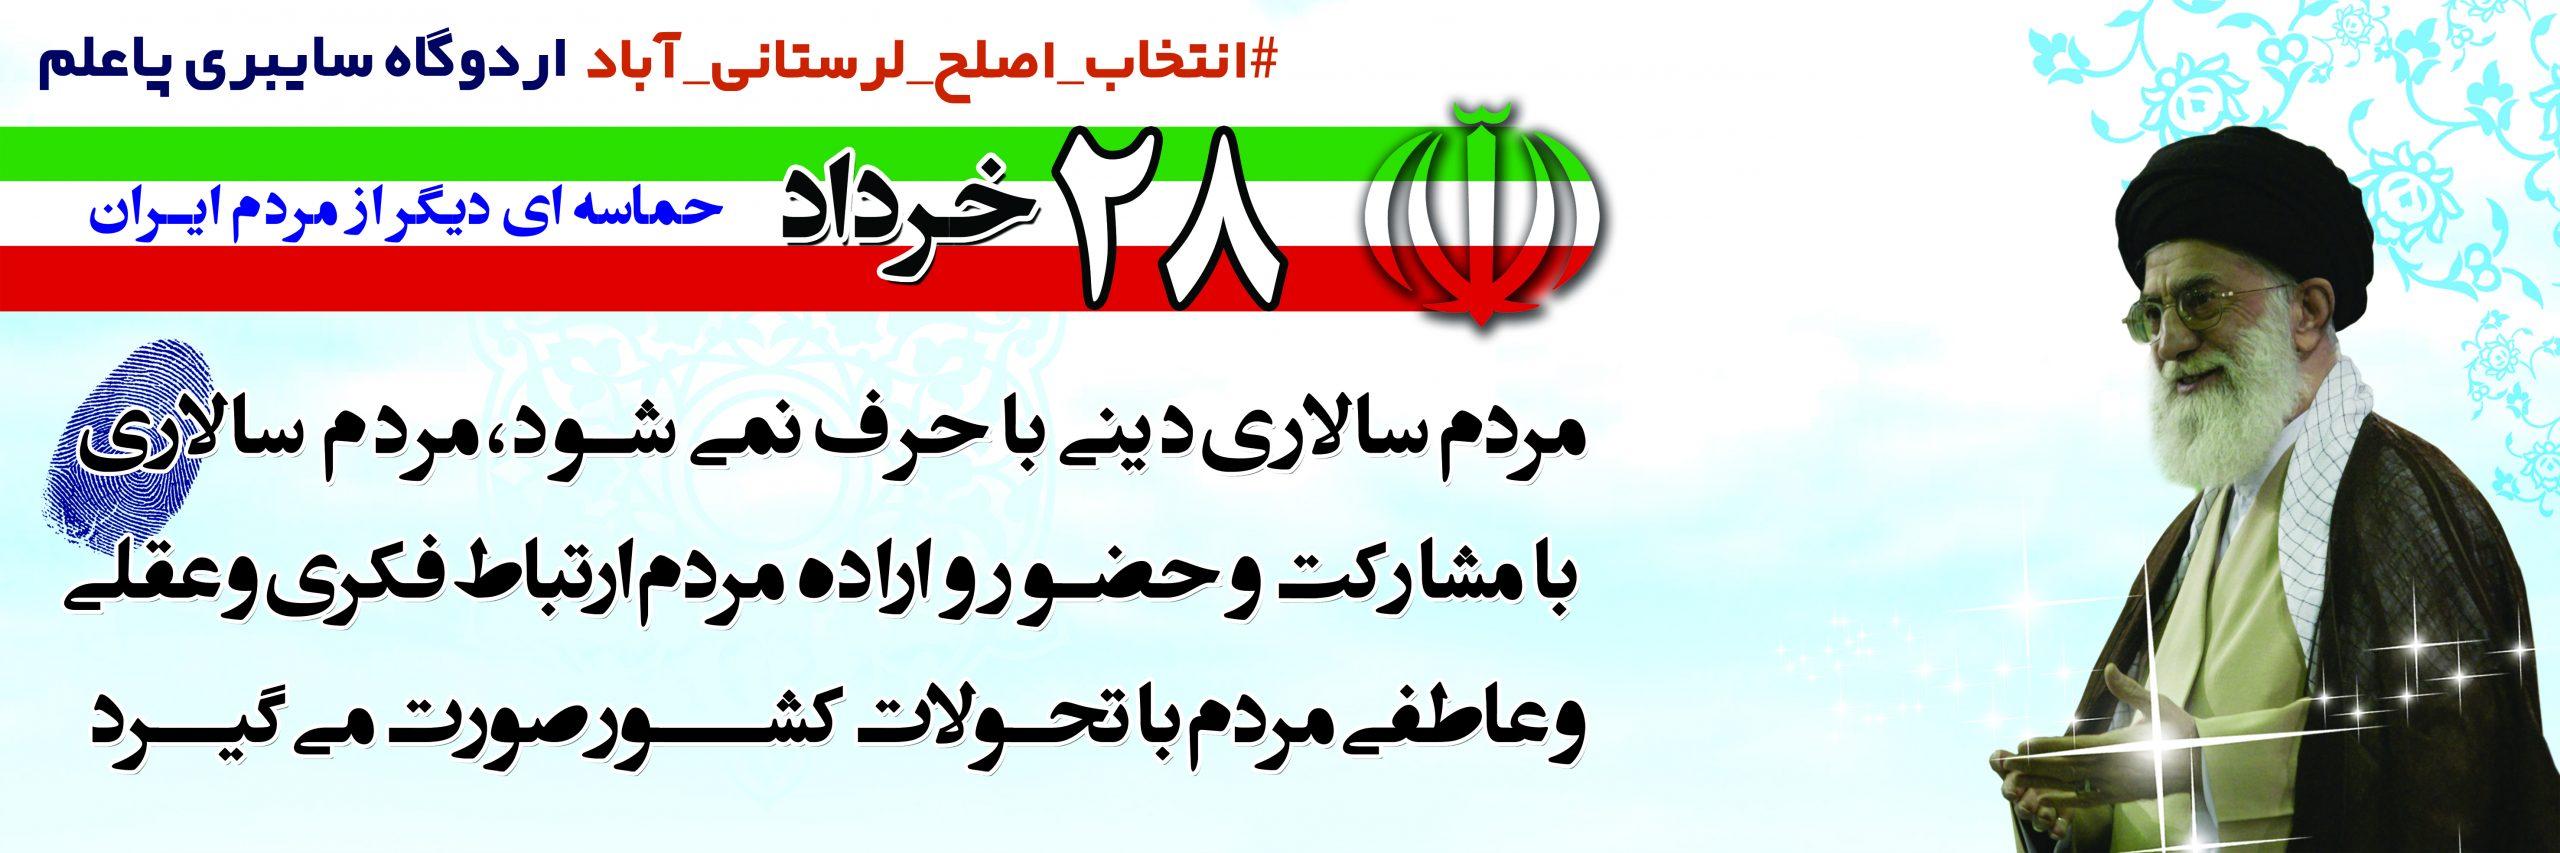 #انتخاب_اصلح_لرستانی_آباد